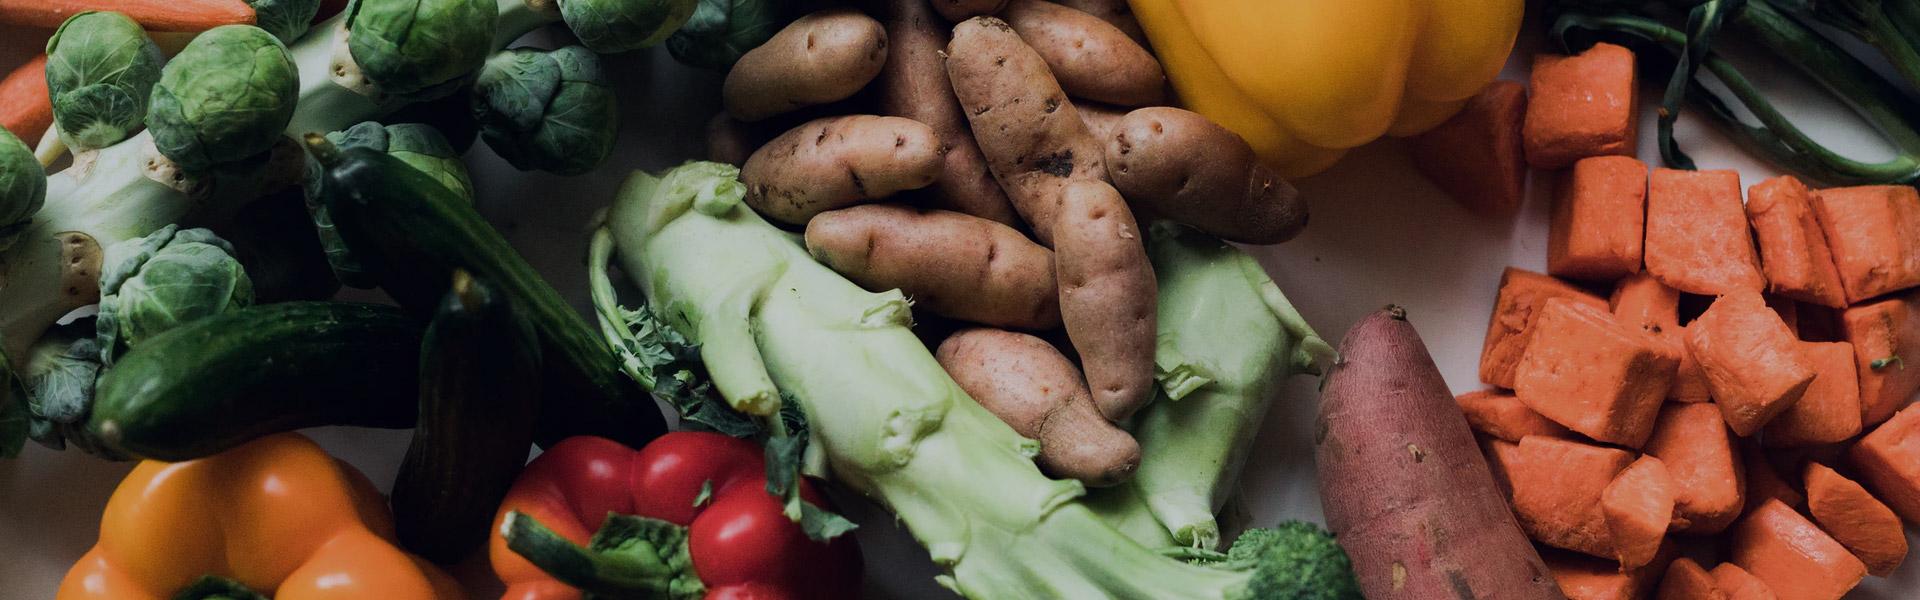 农产品beplay官网app下载领域